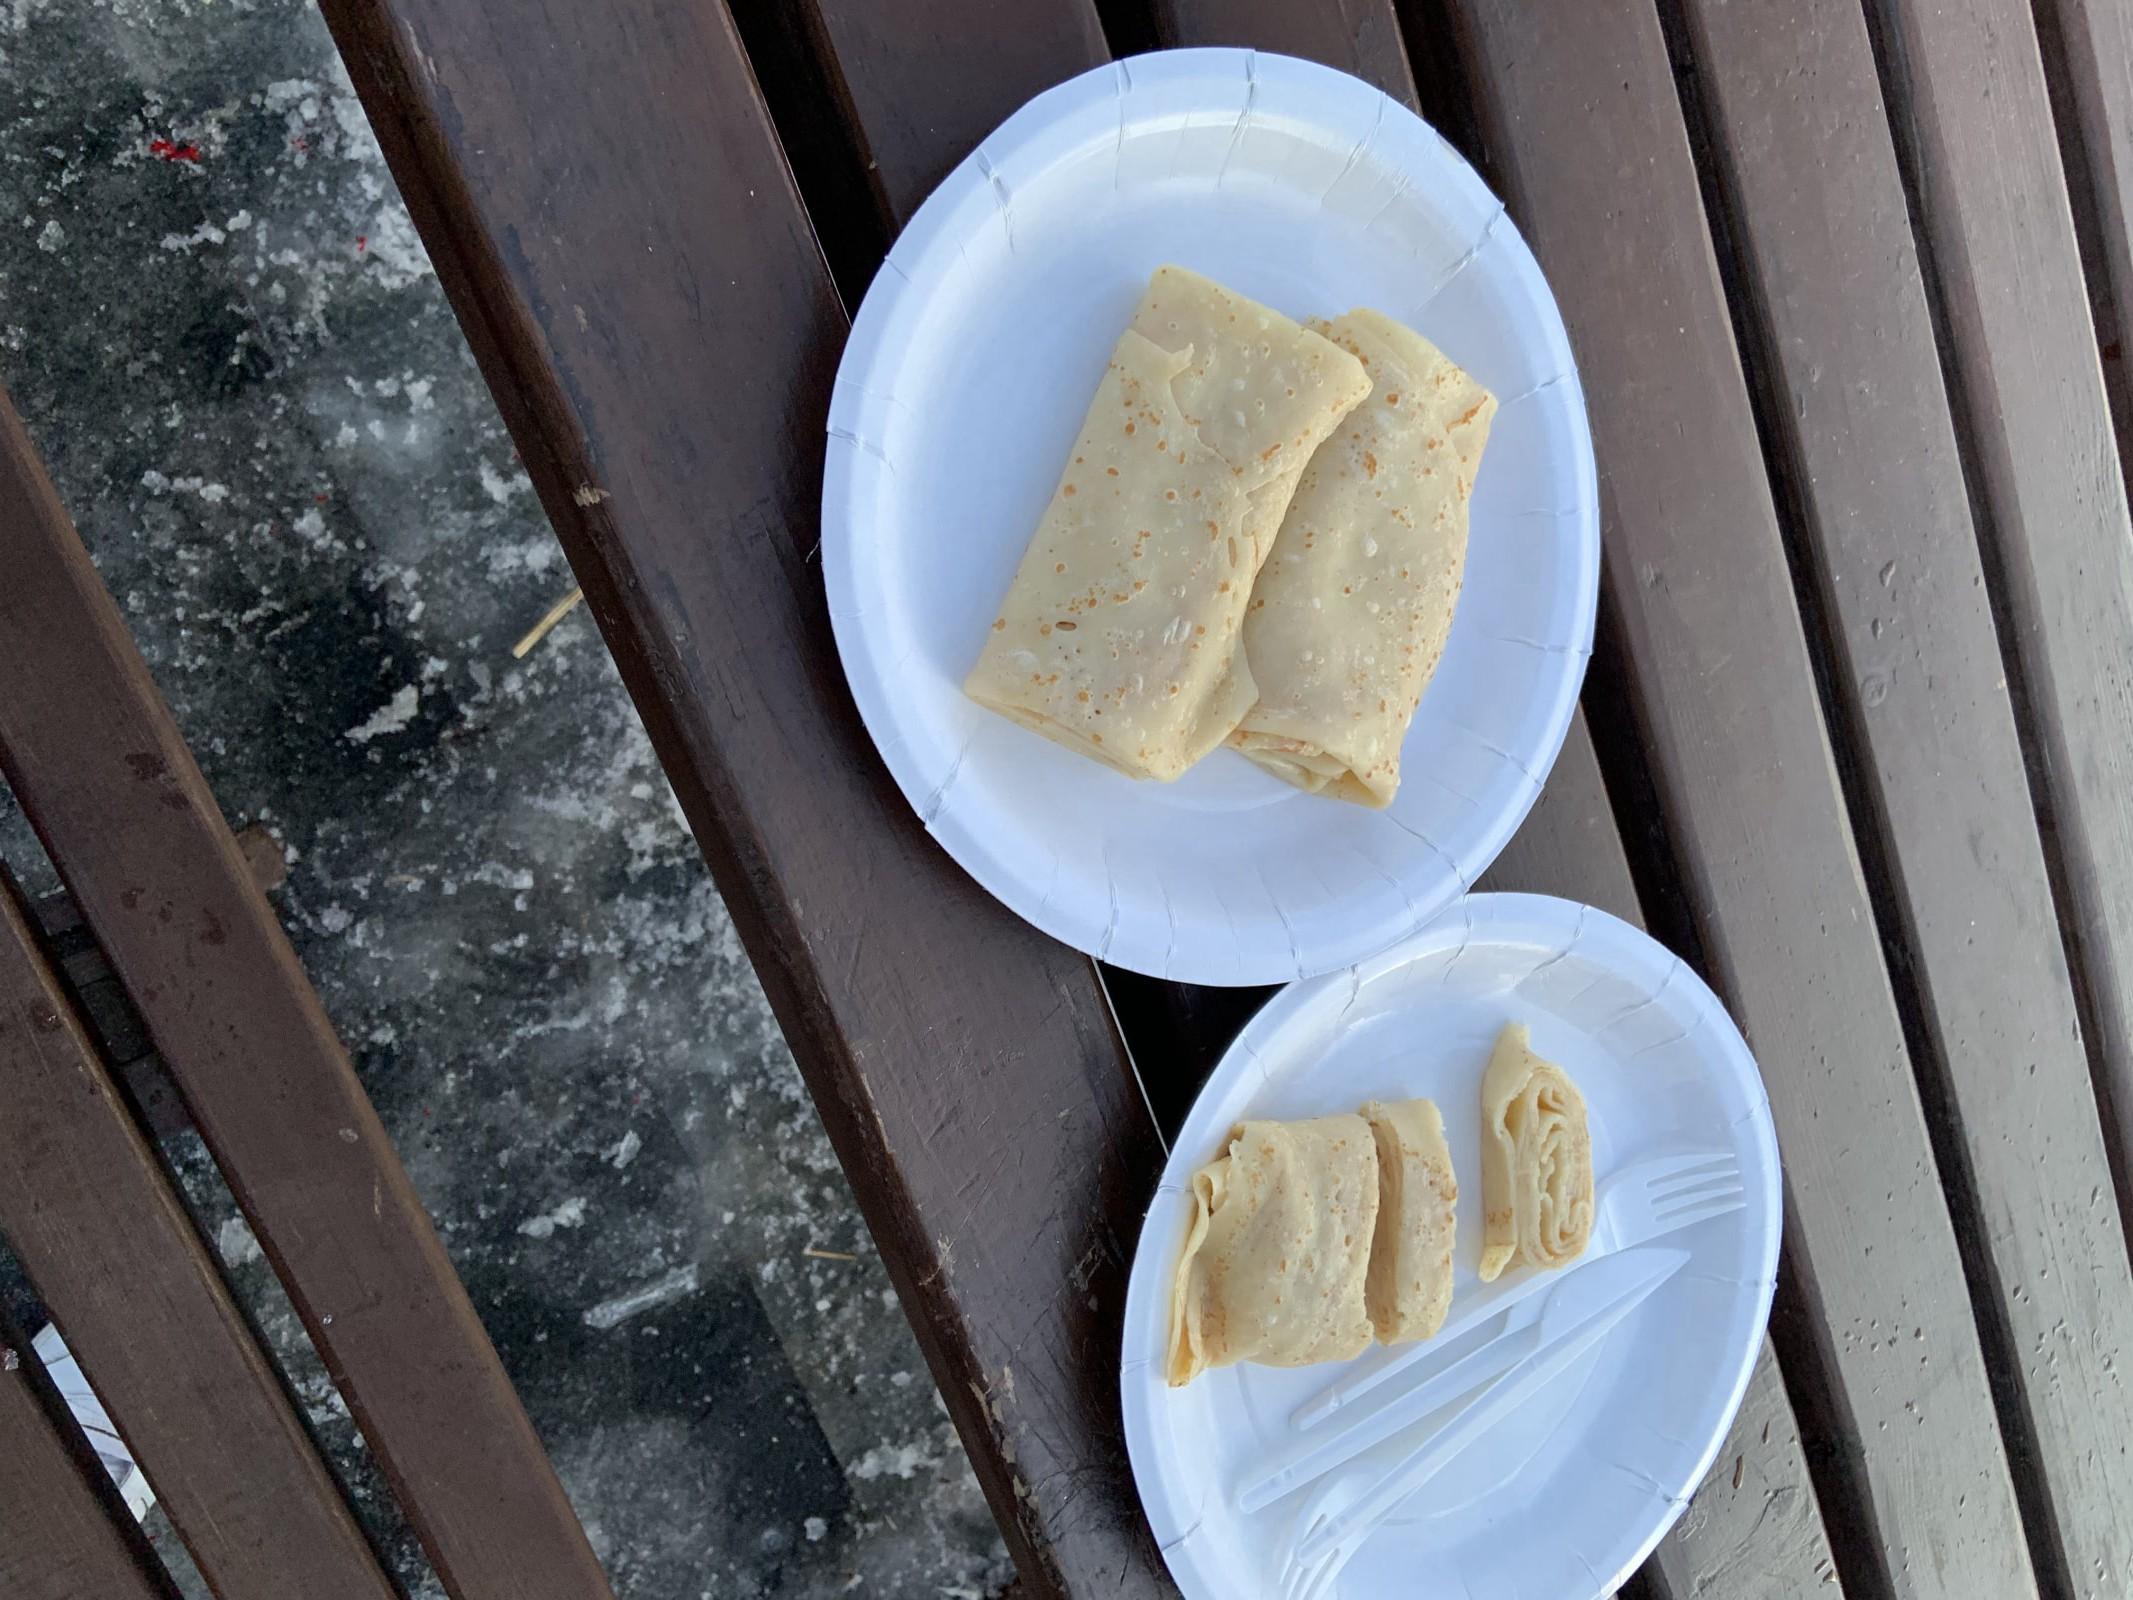 这是谢肉节(масленица)需要吃煎饼和烧稻草人|乌拉尔联邦大学预科学习照片|俄罗斯留学预科|俄罗斯大学预科学习